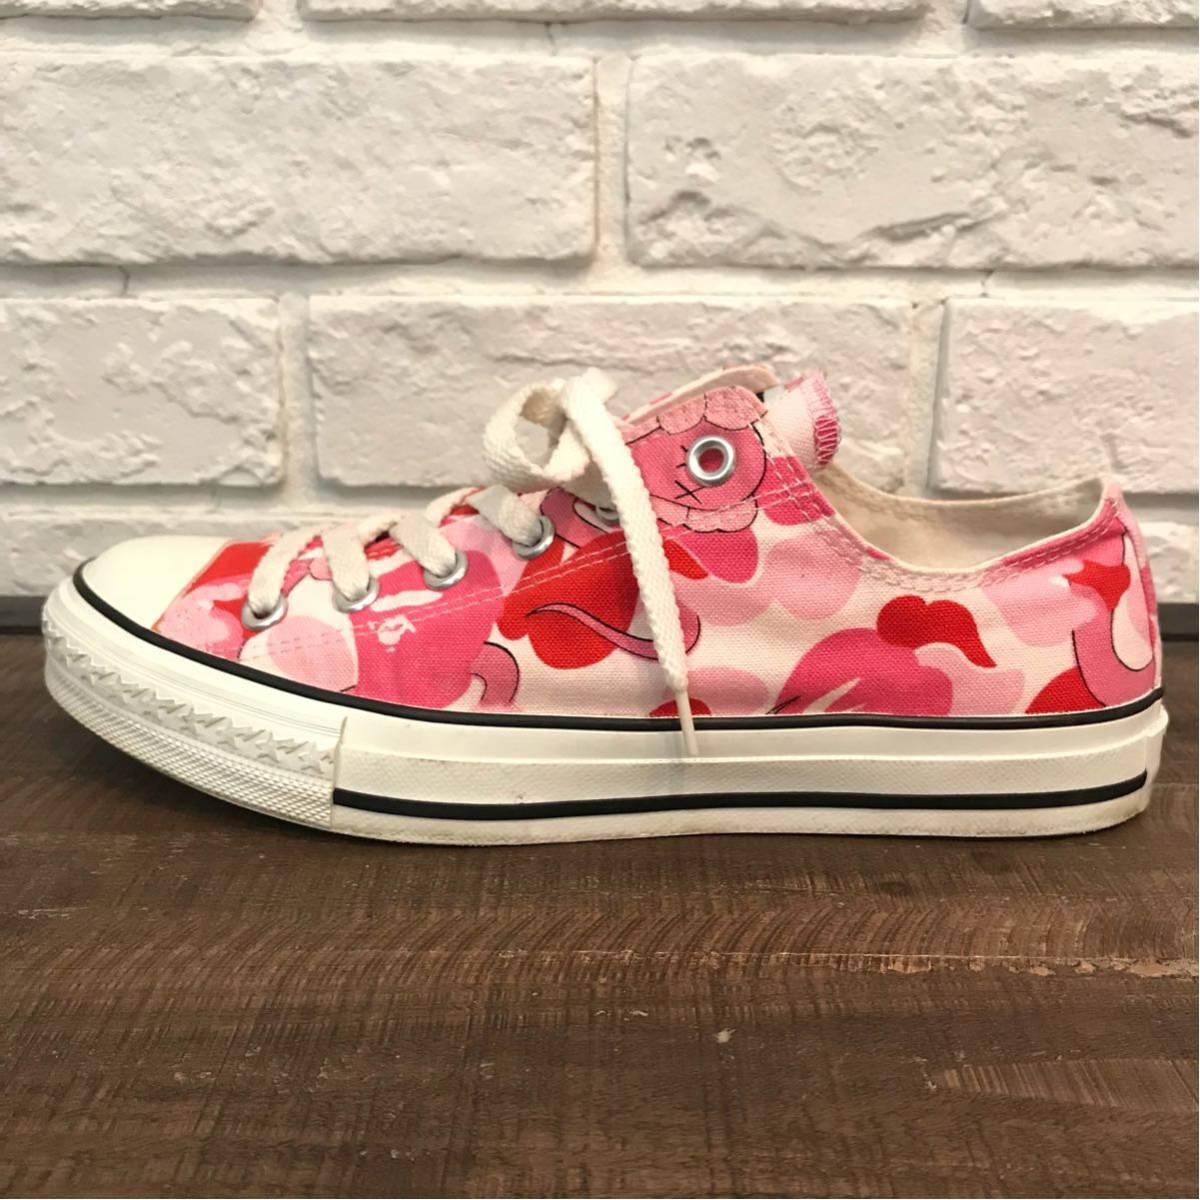 ★激レア★ kaws × bape スニーカー a bathing ape sta allstar sneakers カウズ エイプ ベイプ originalfake ABC camo ABCカモ pink nigo